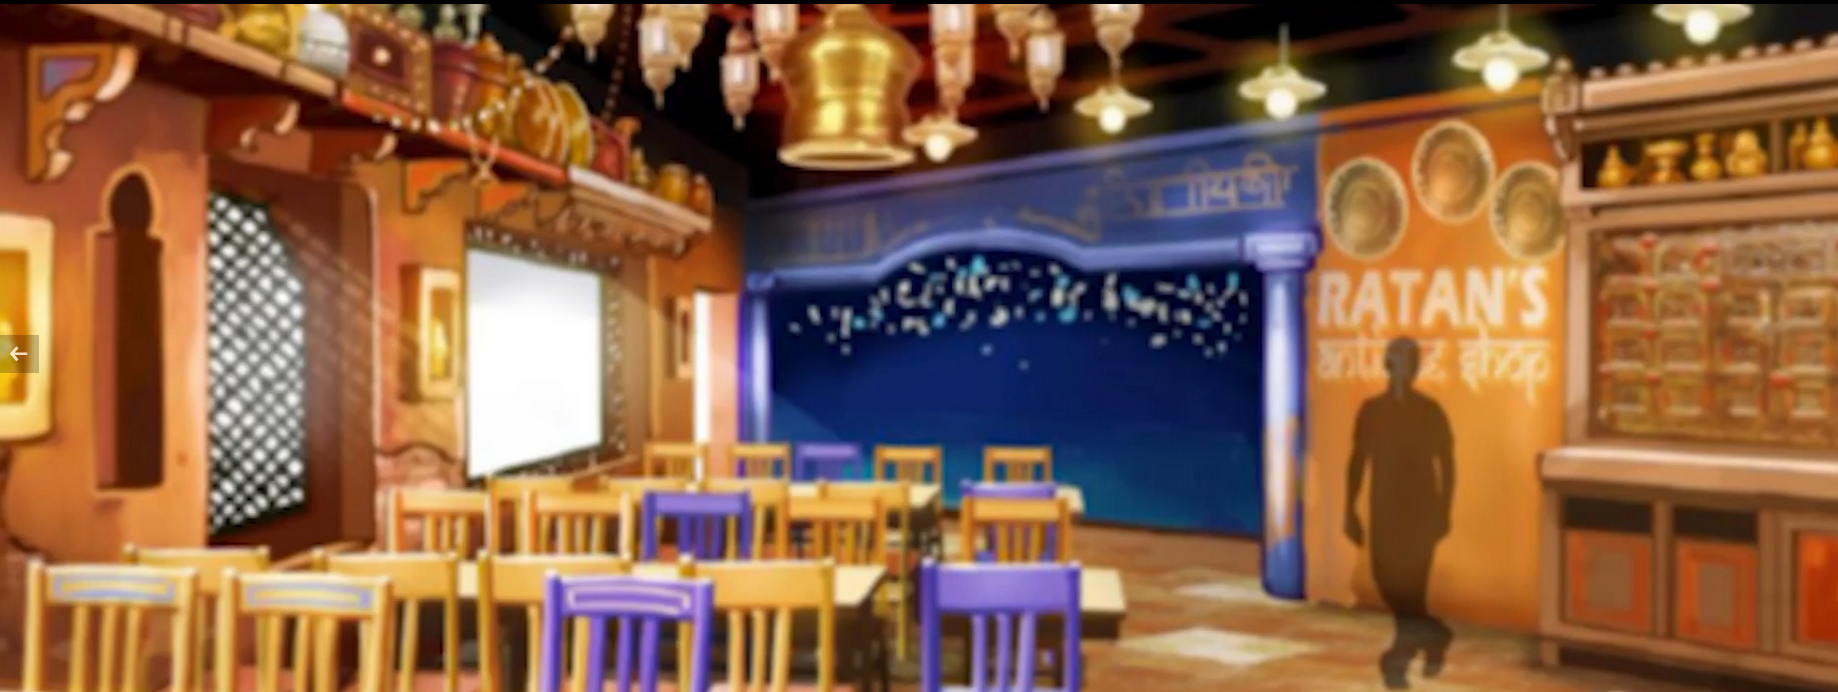 Restaurant KW 1